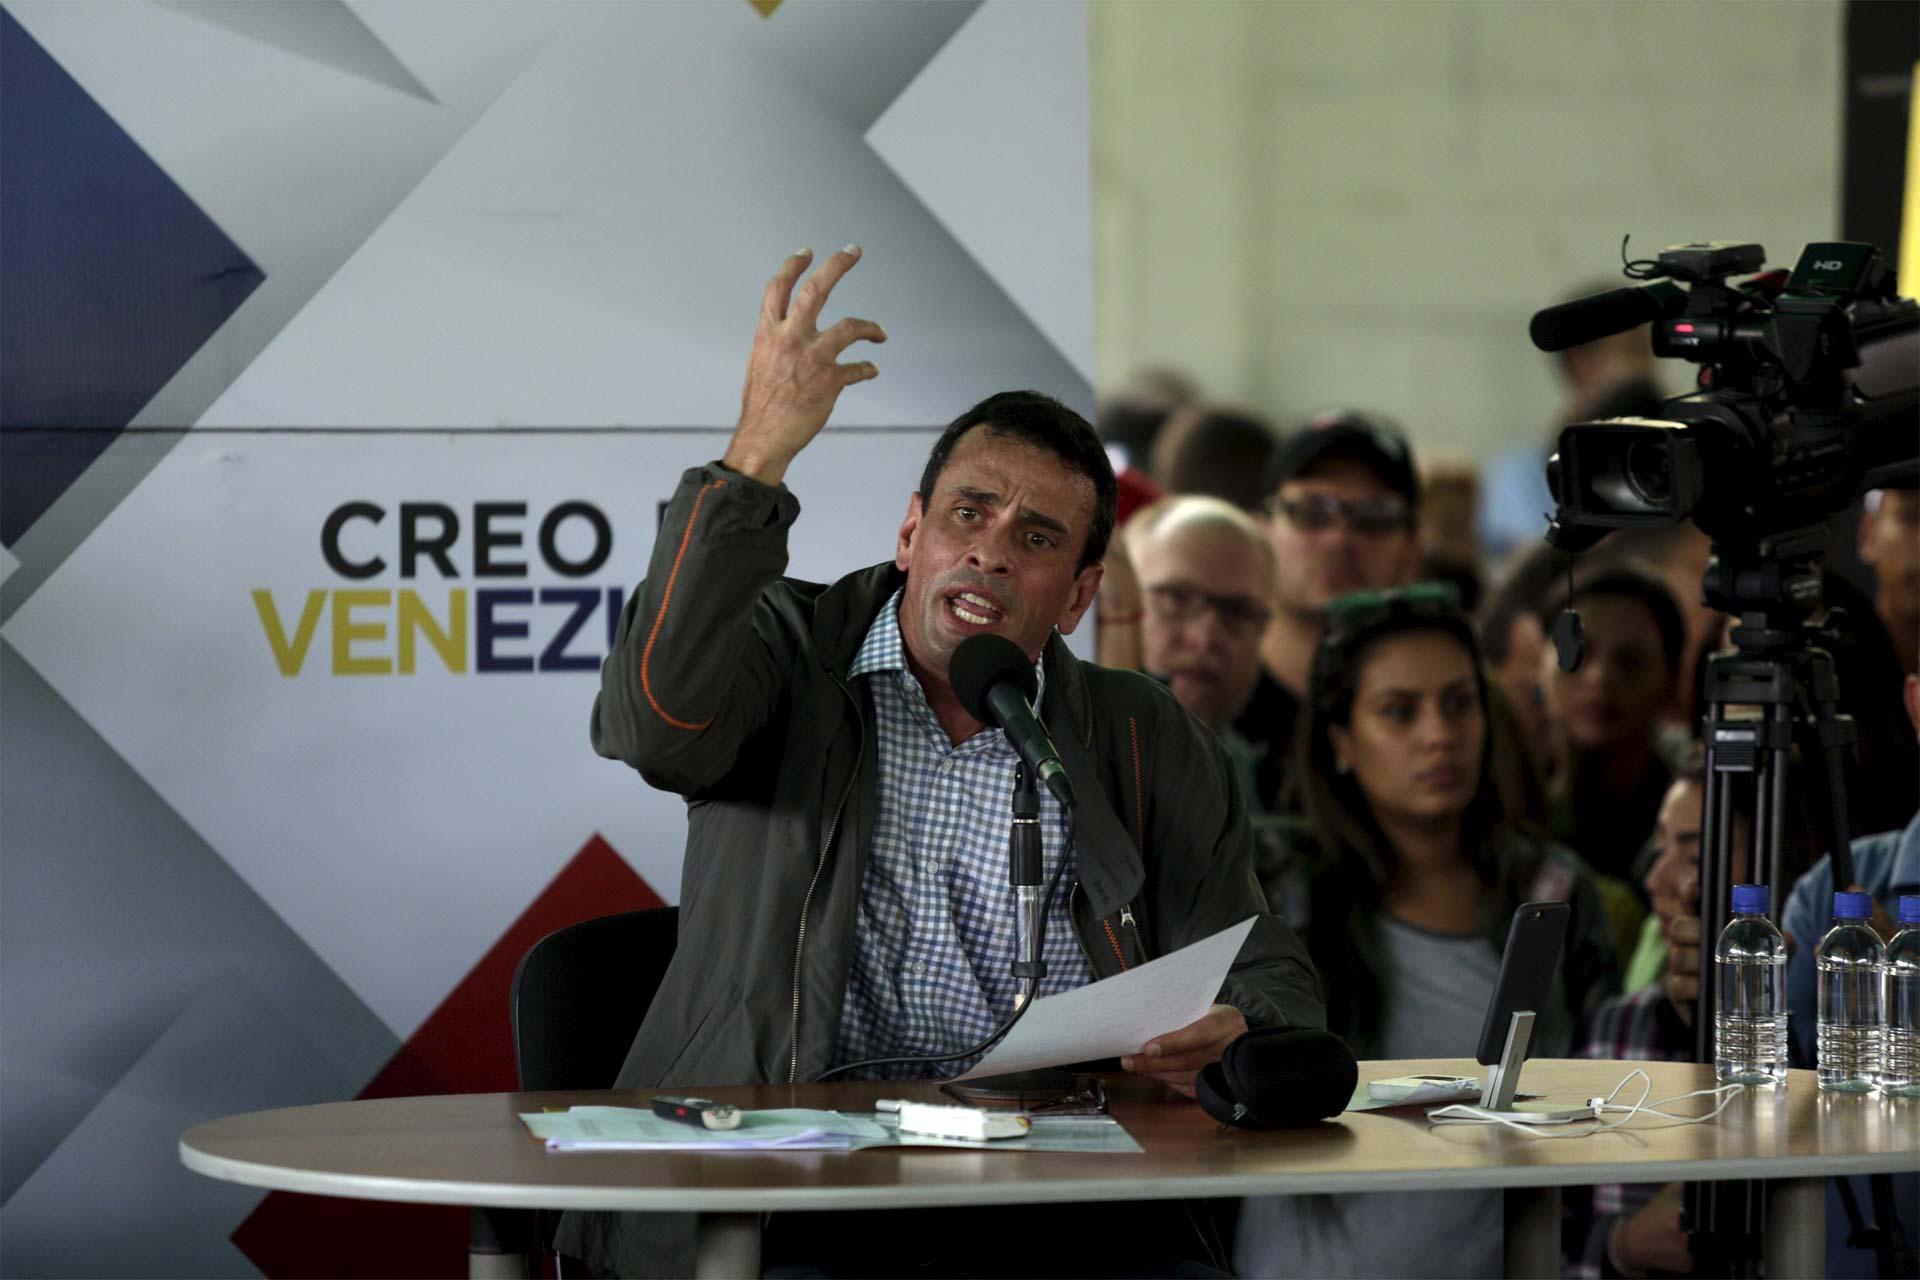 El gobernador del estado Mirando lidera una campaña para impulsar un referendo revocatorio al presidente Maduro